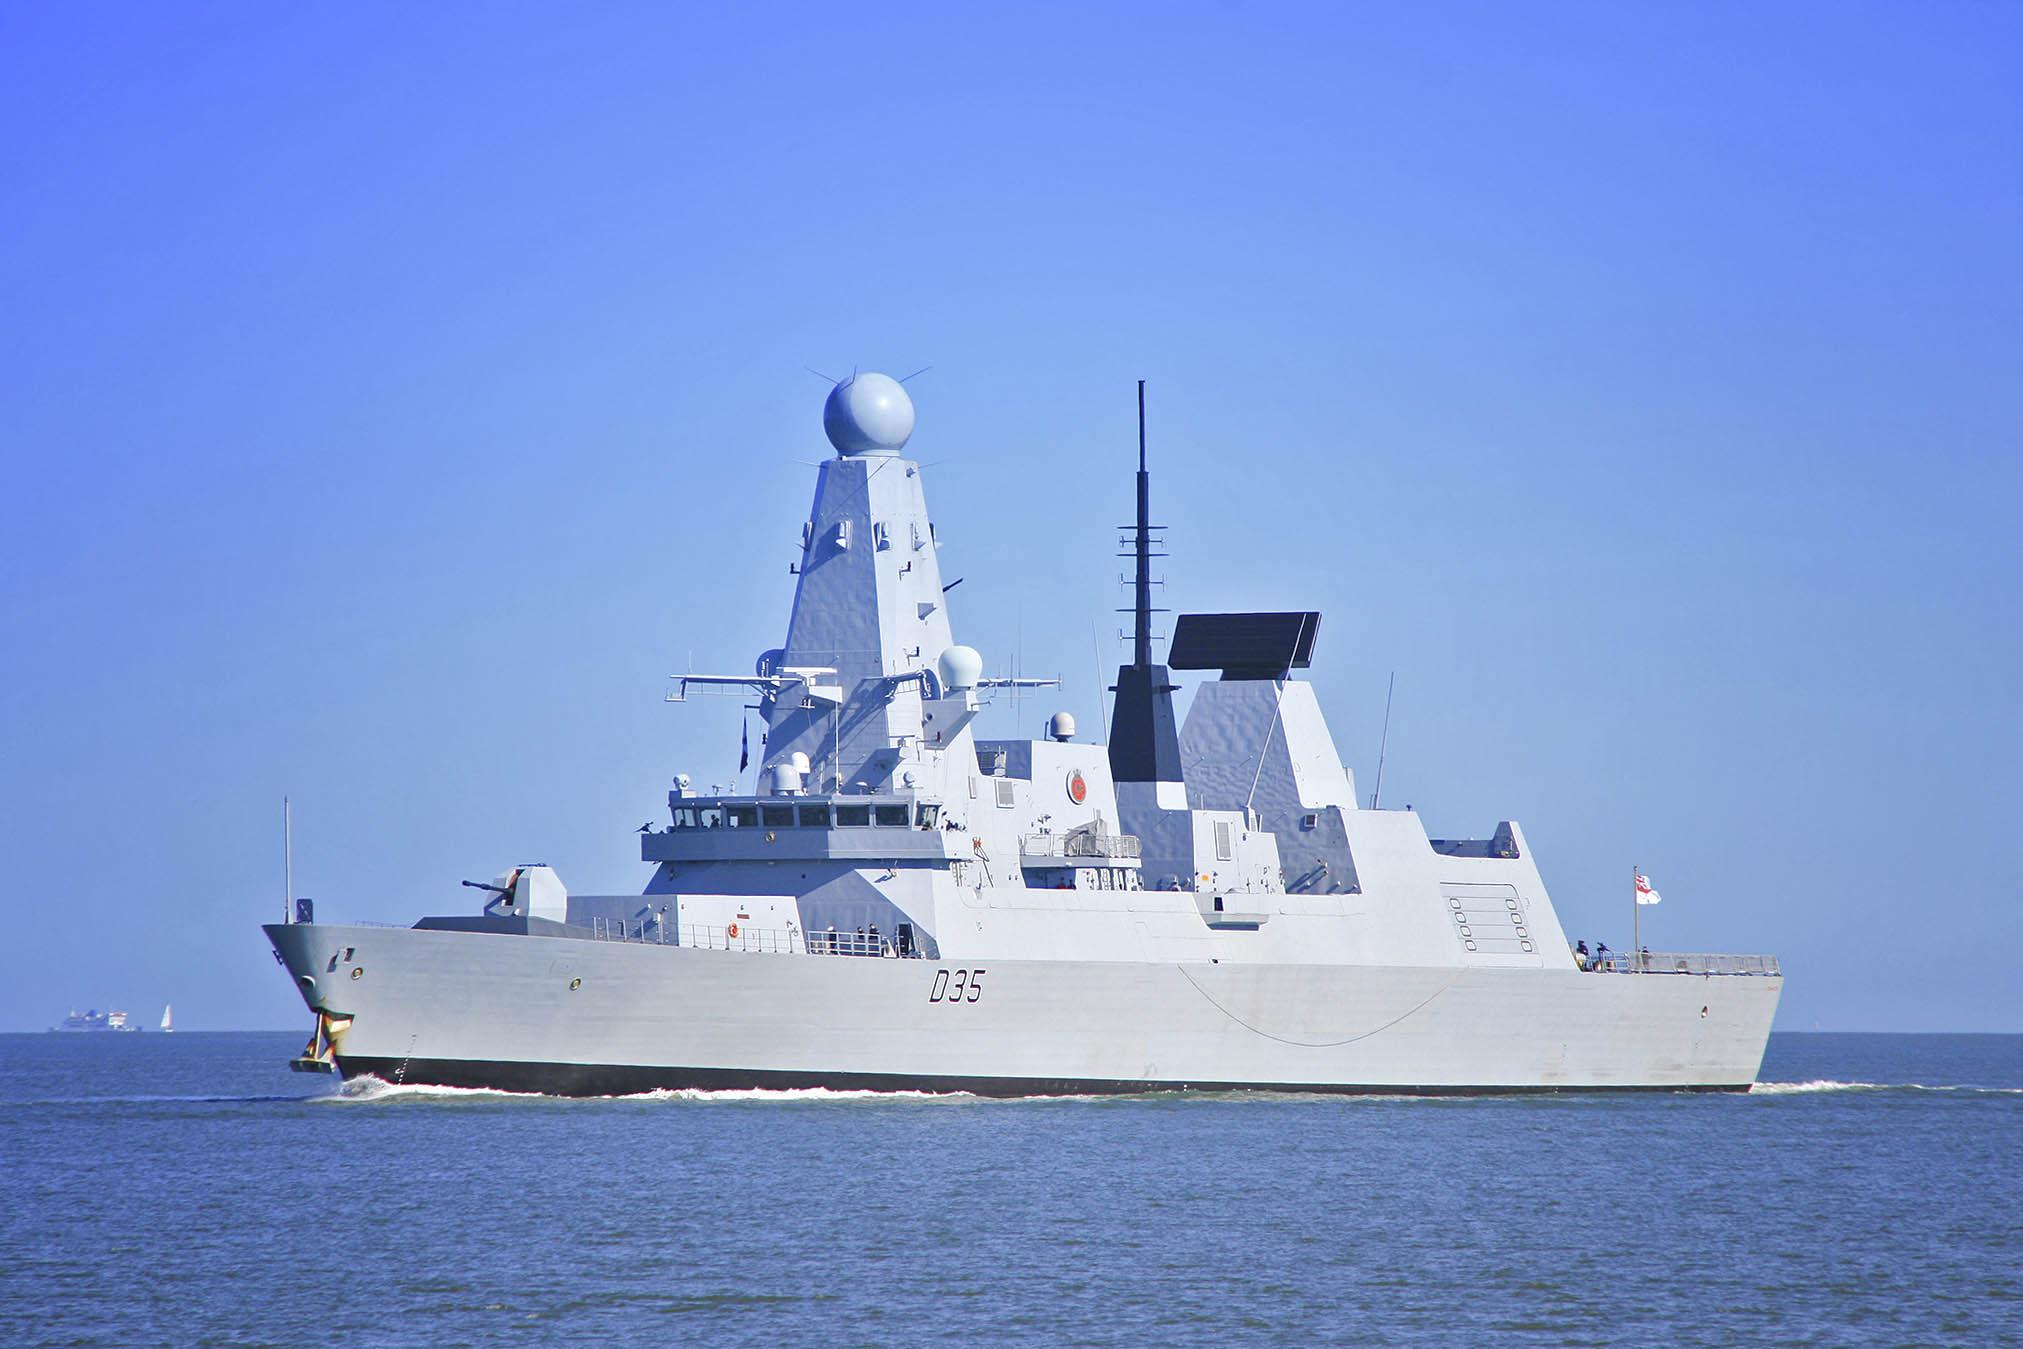 Uma das mais avançadas unidades do Reino Unido realizará exercícios com a Armada do Chile durante sua visita a Valparaíso.